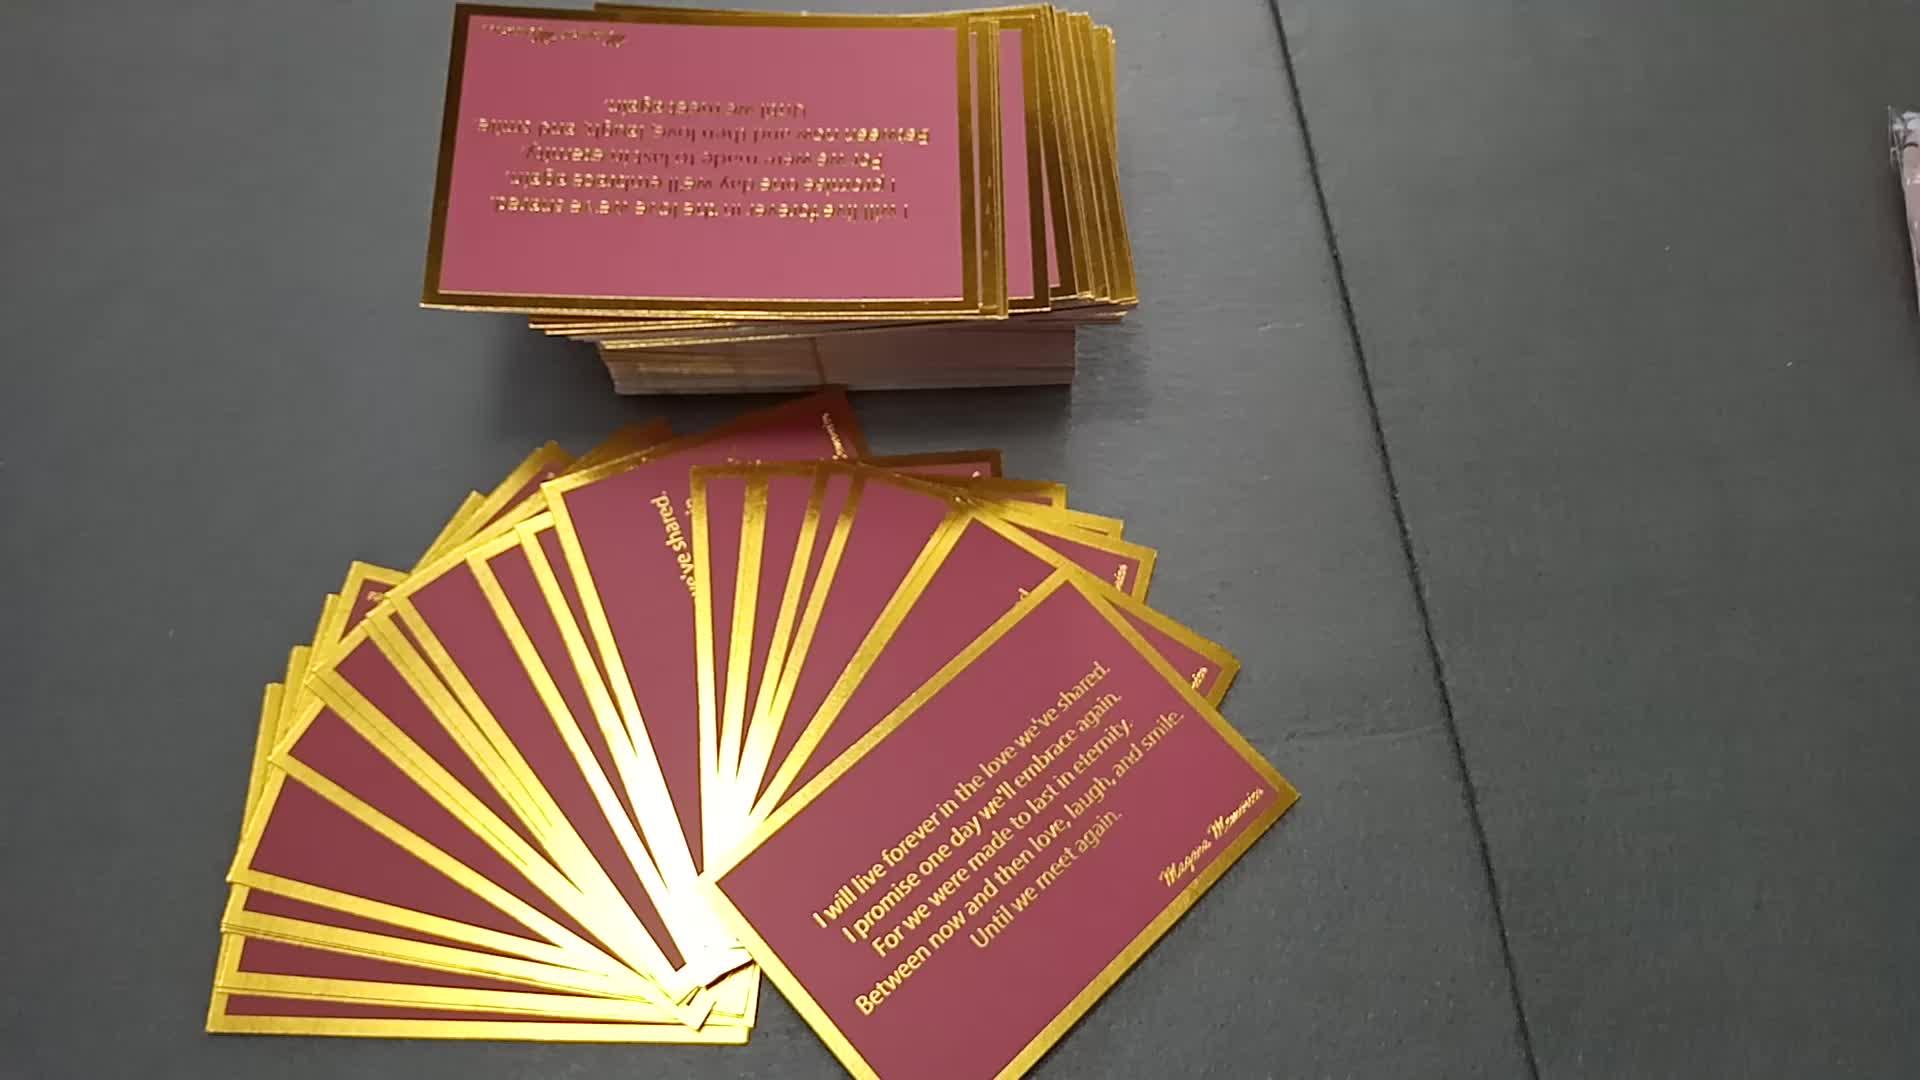 Venda quente Feito Sob Encomenda Caixas de Papelão com Papel de Impressão quente da folha de Ouro cartão de agradecimento para os Cartões Do Presente negócio